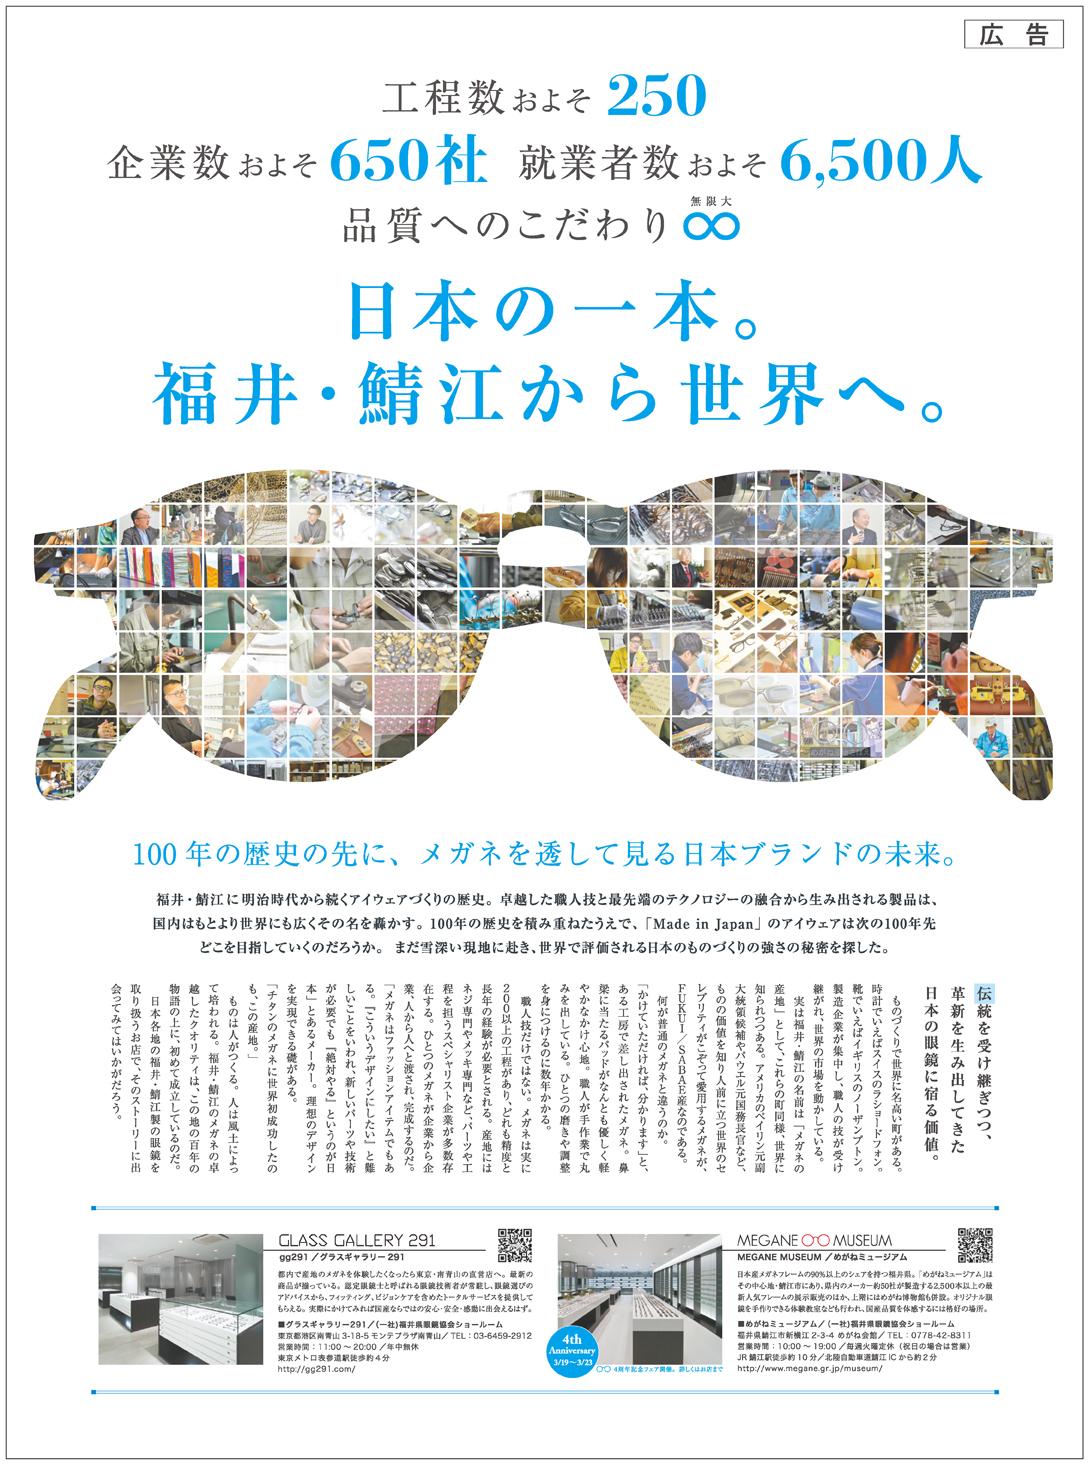 日経新聞・朝日新聞一面広告産地PR